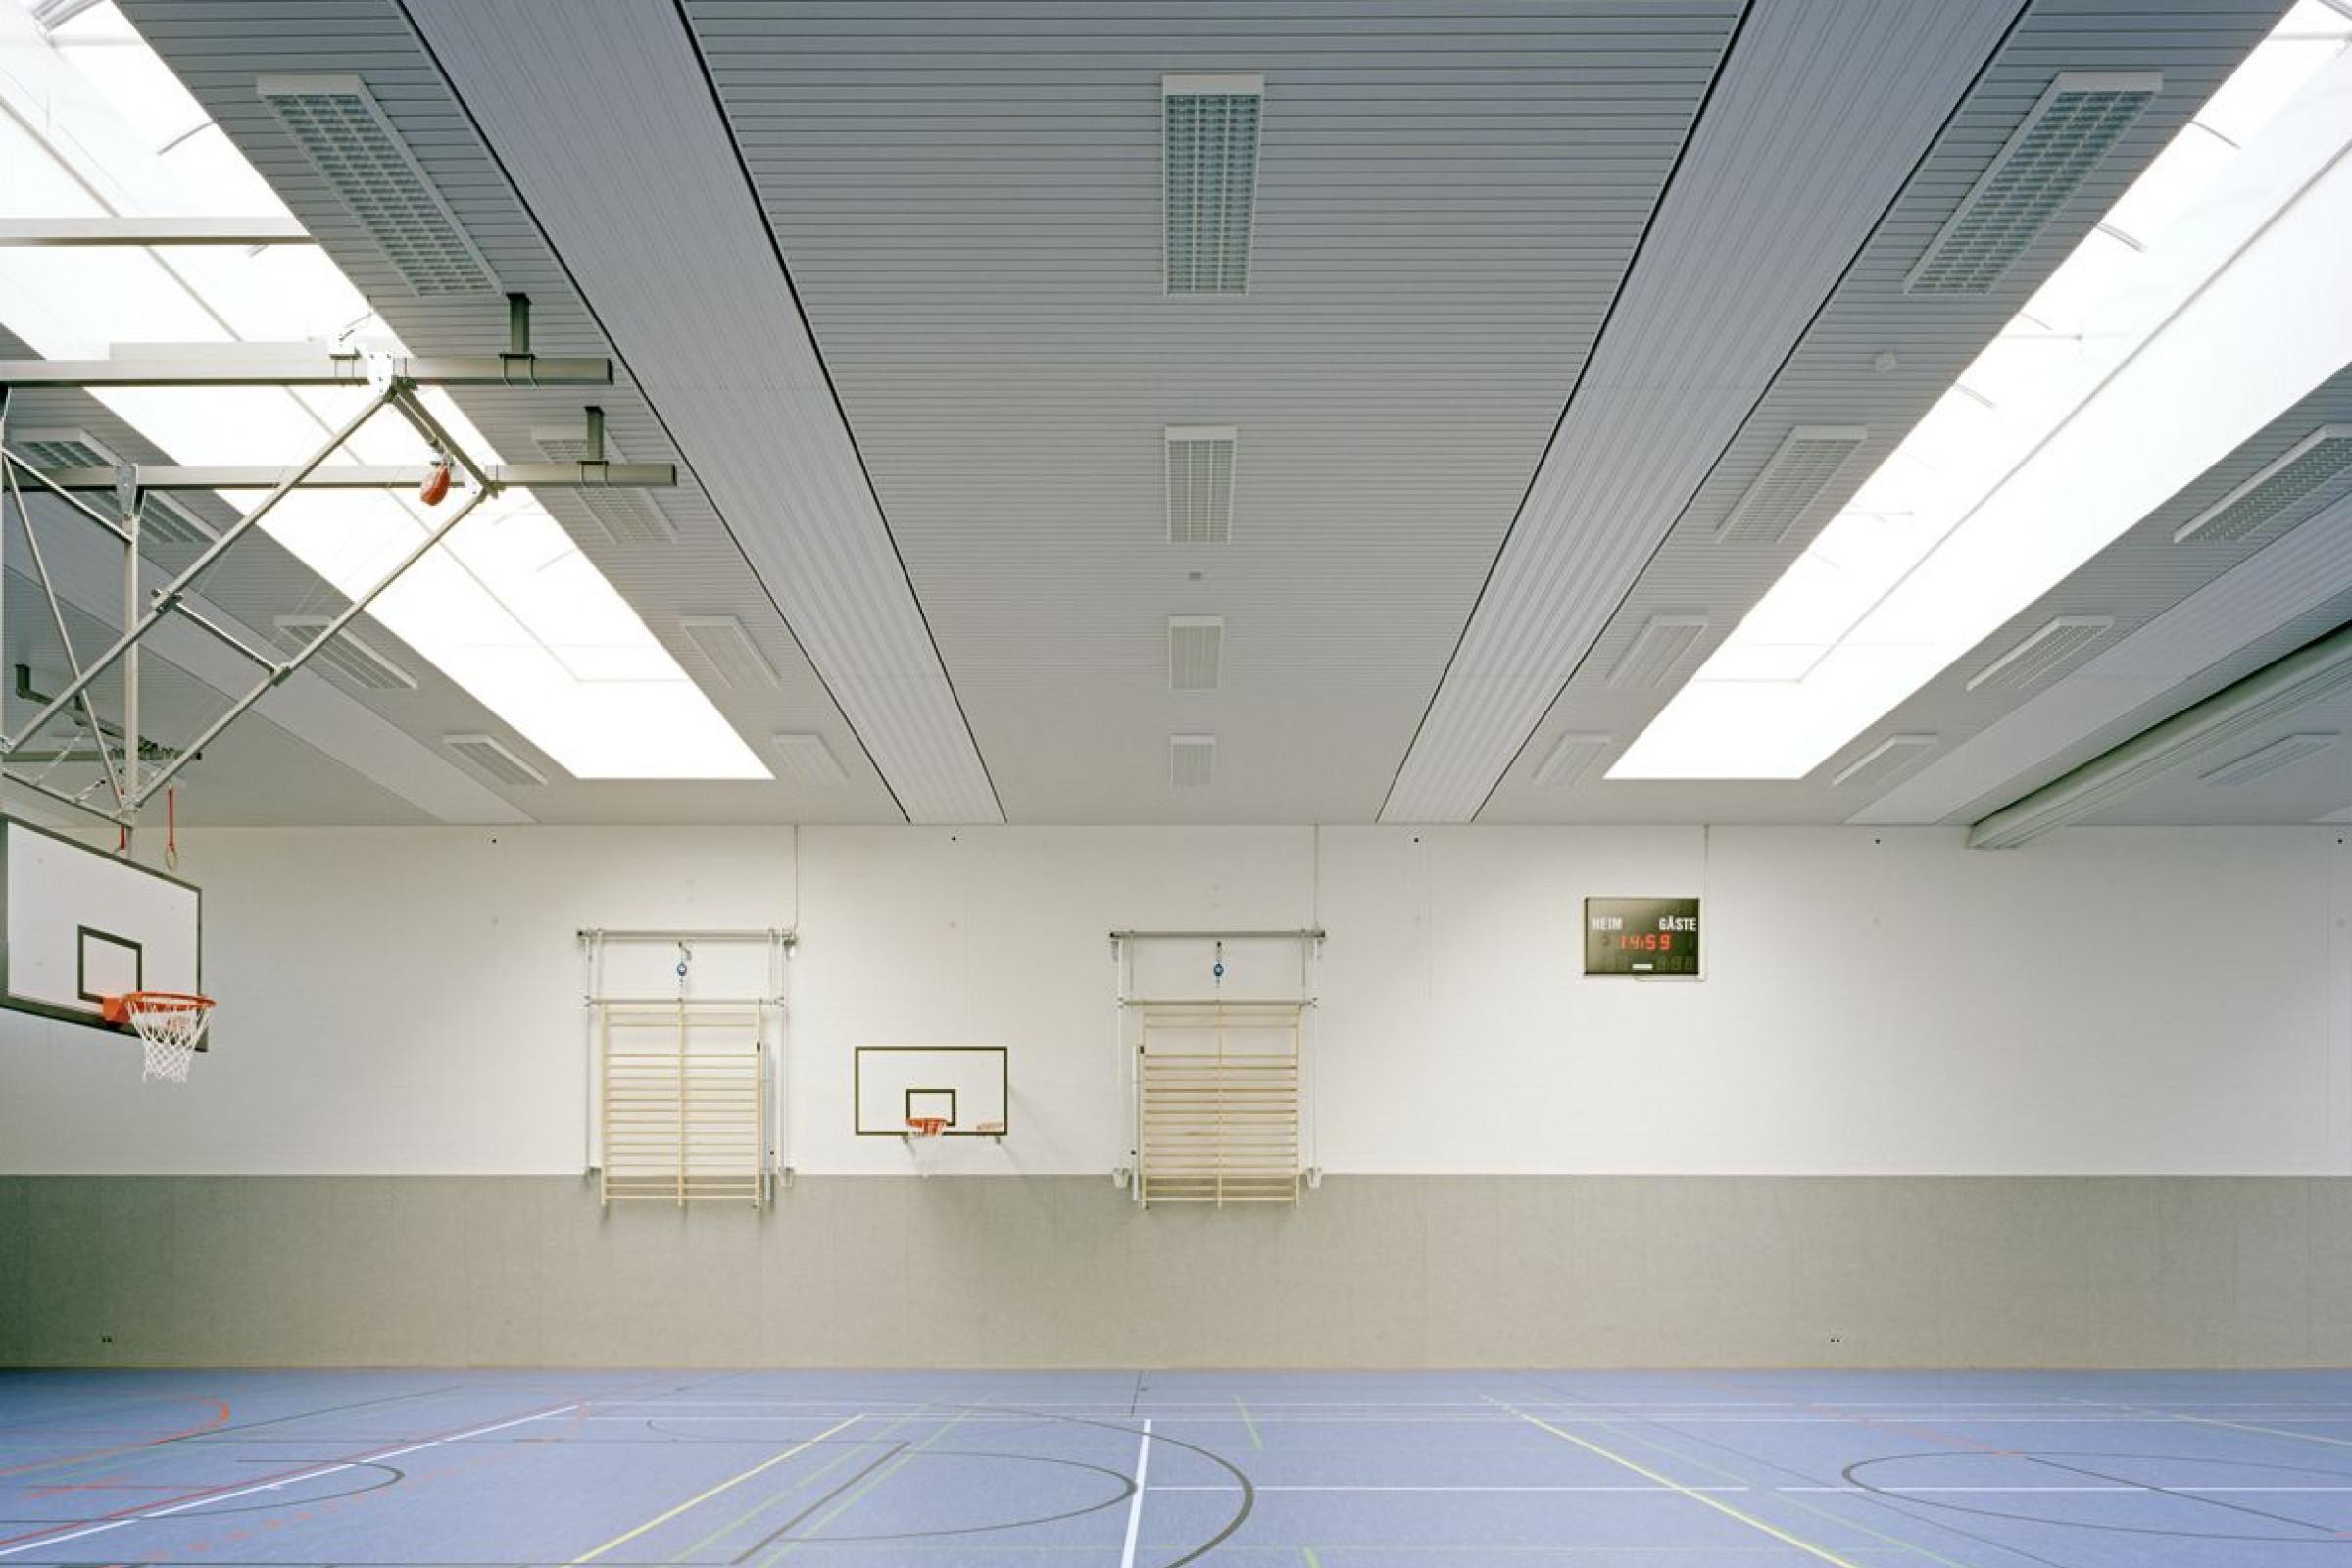 Sporthalle mit blauem Boden und Basketballkörben. An der Decke sind ballwurfsichere weiße und graue Metallpaneeele montiert.